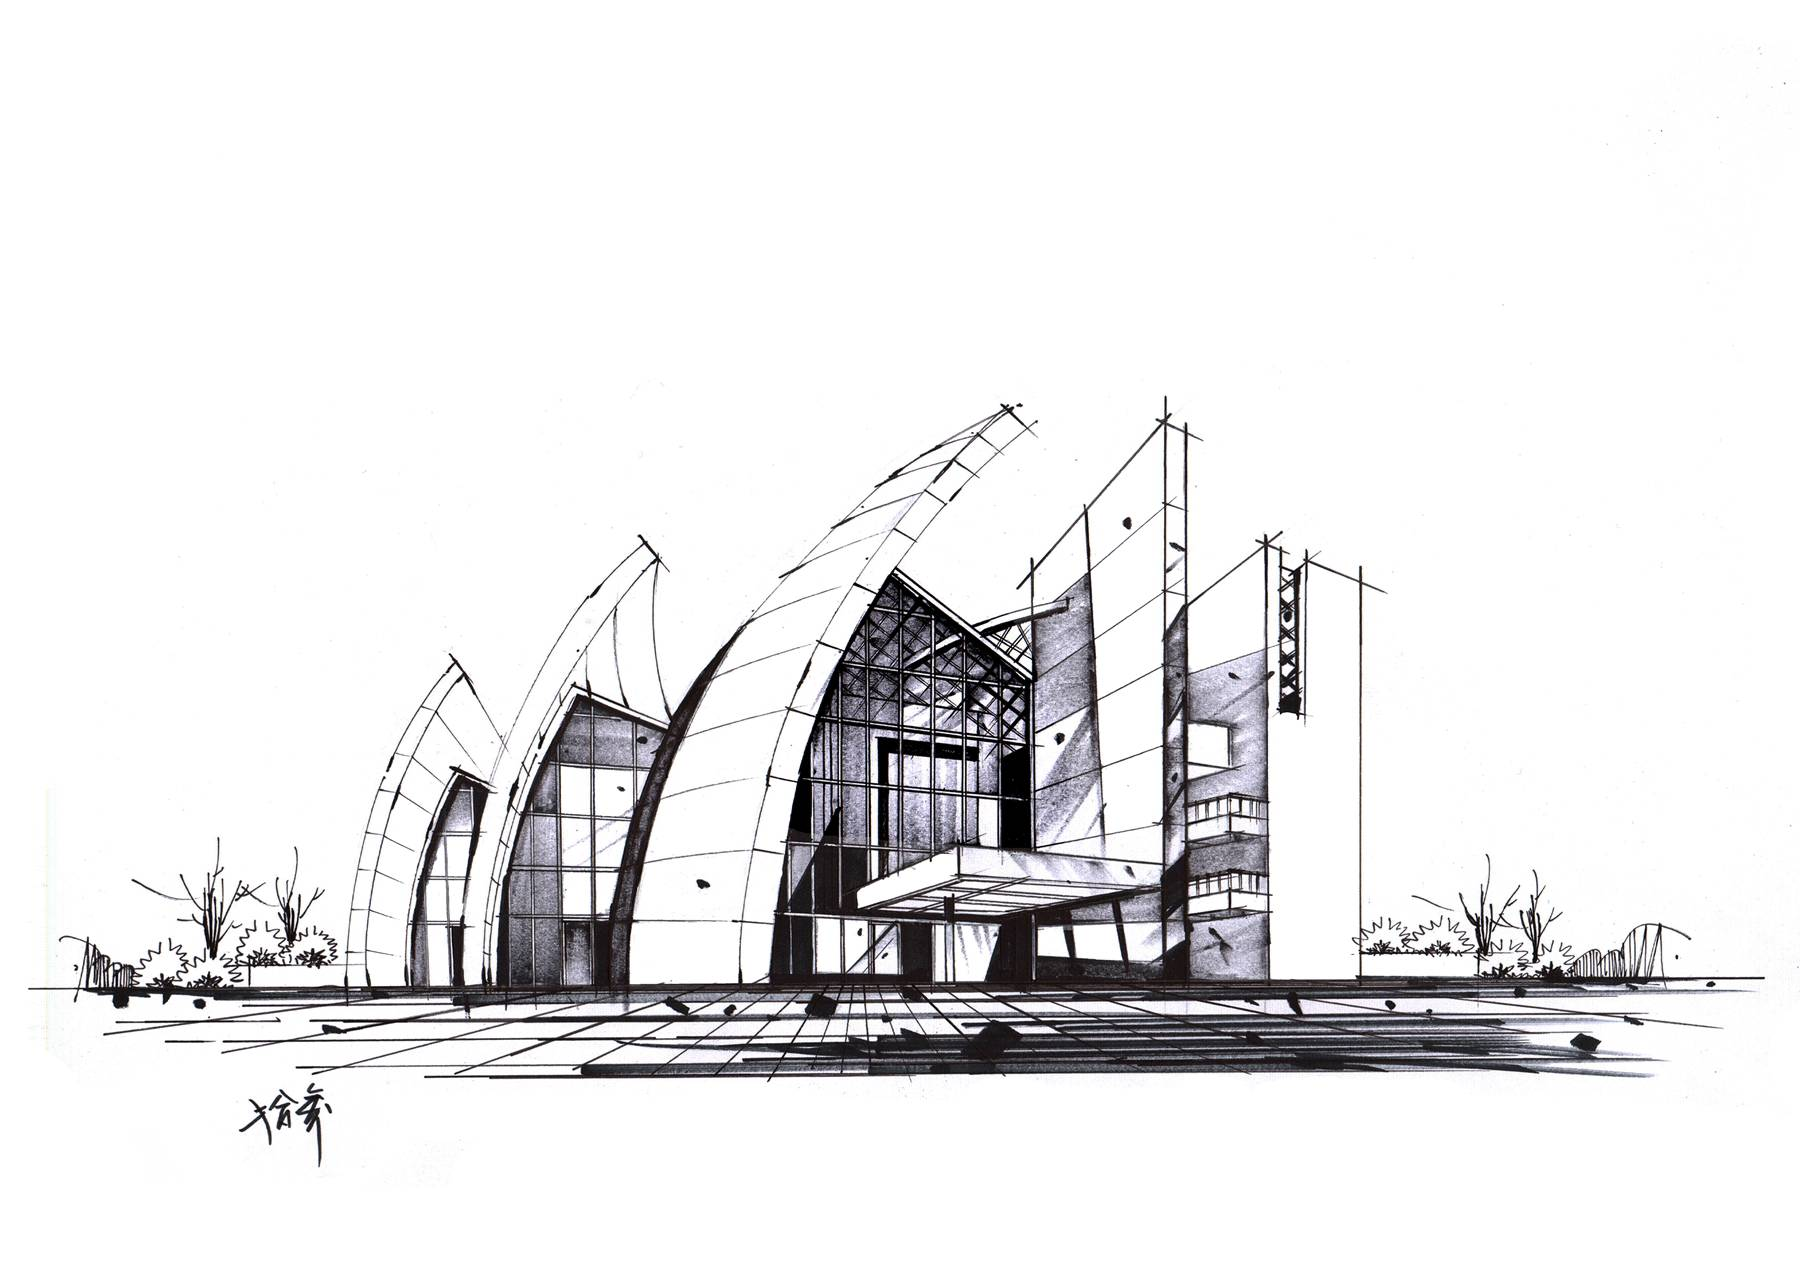 建筑师 - 马岩松 △ 美国 加州洛杉矶 迪士尼音乐厅 建筑师 - 弗兰克